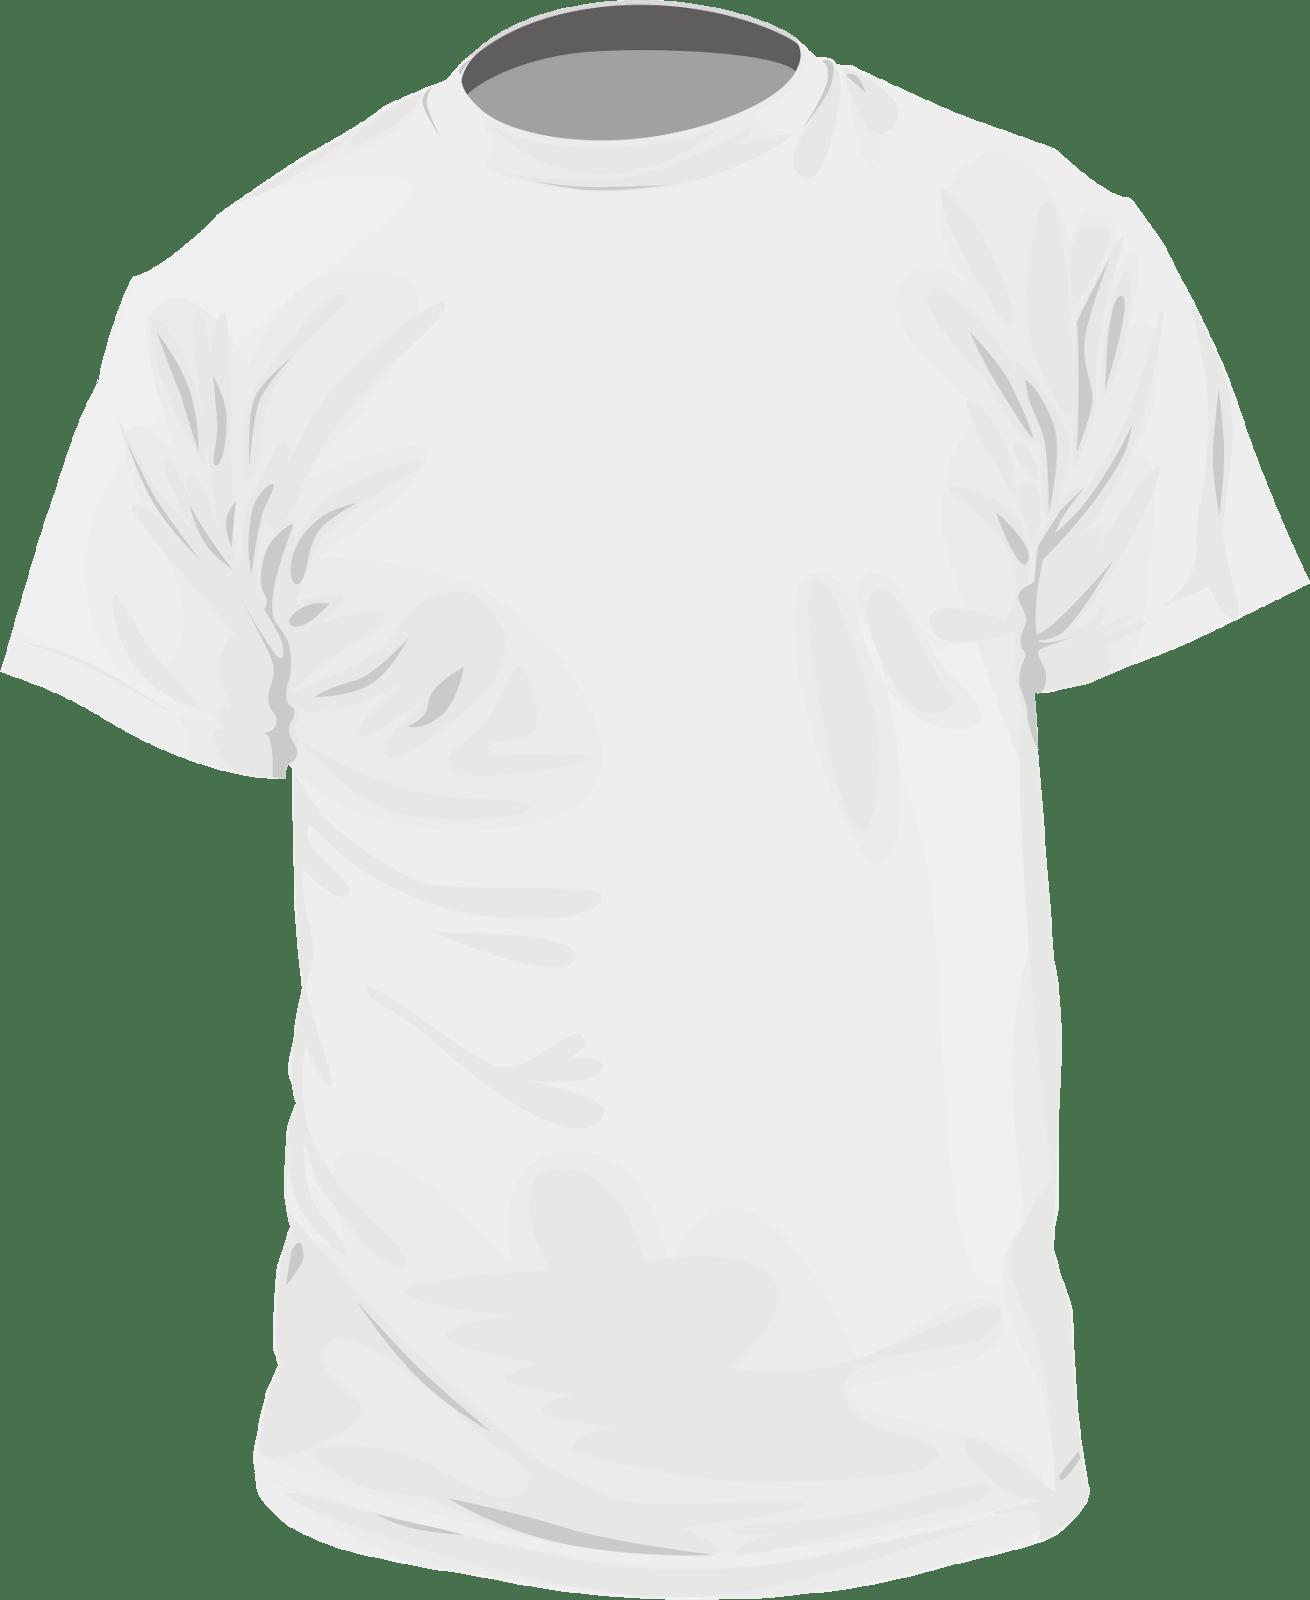 35+ Download Gambar Baju Kaos Polos